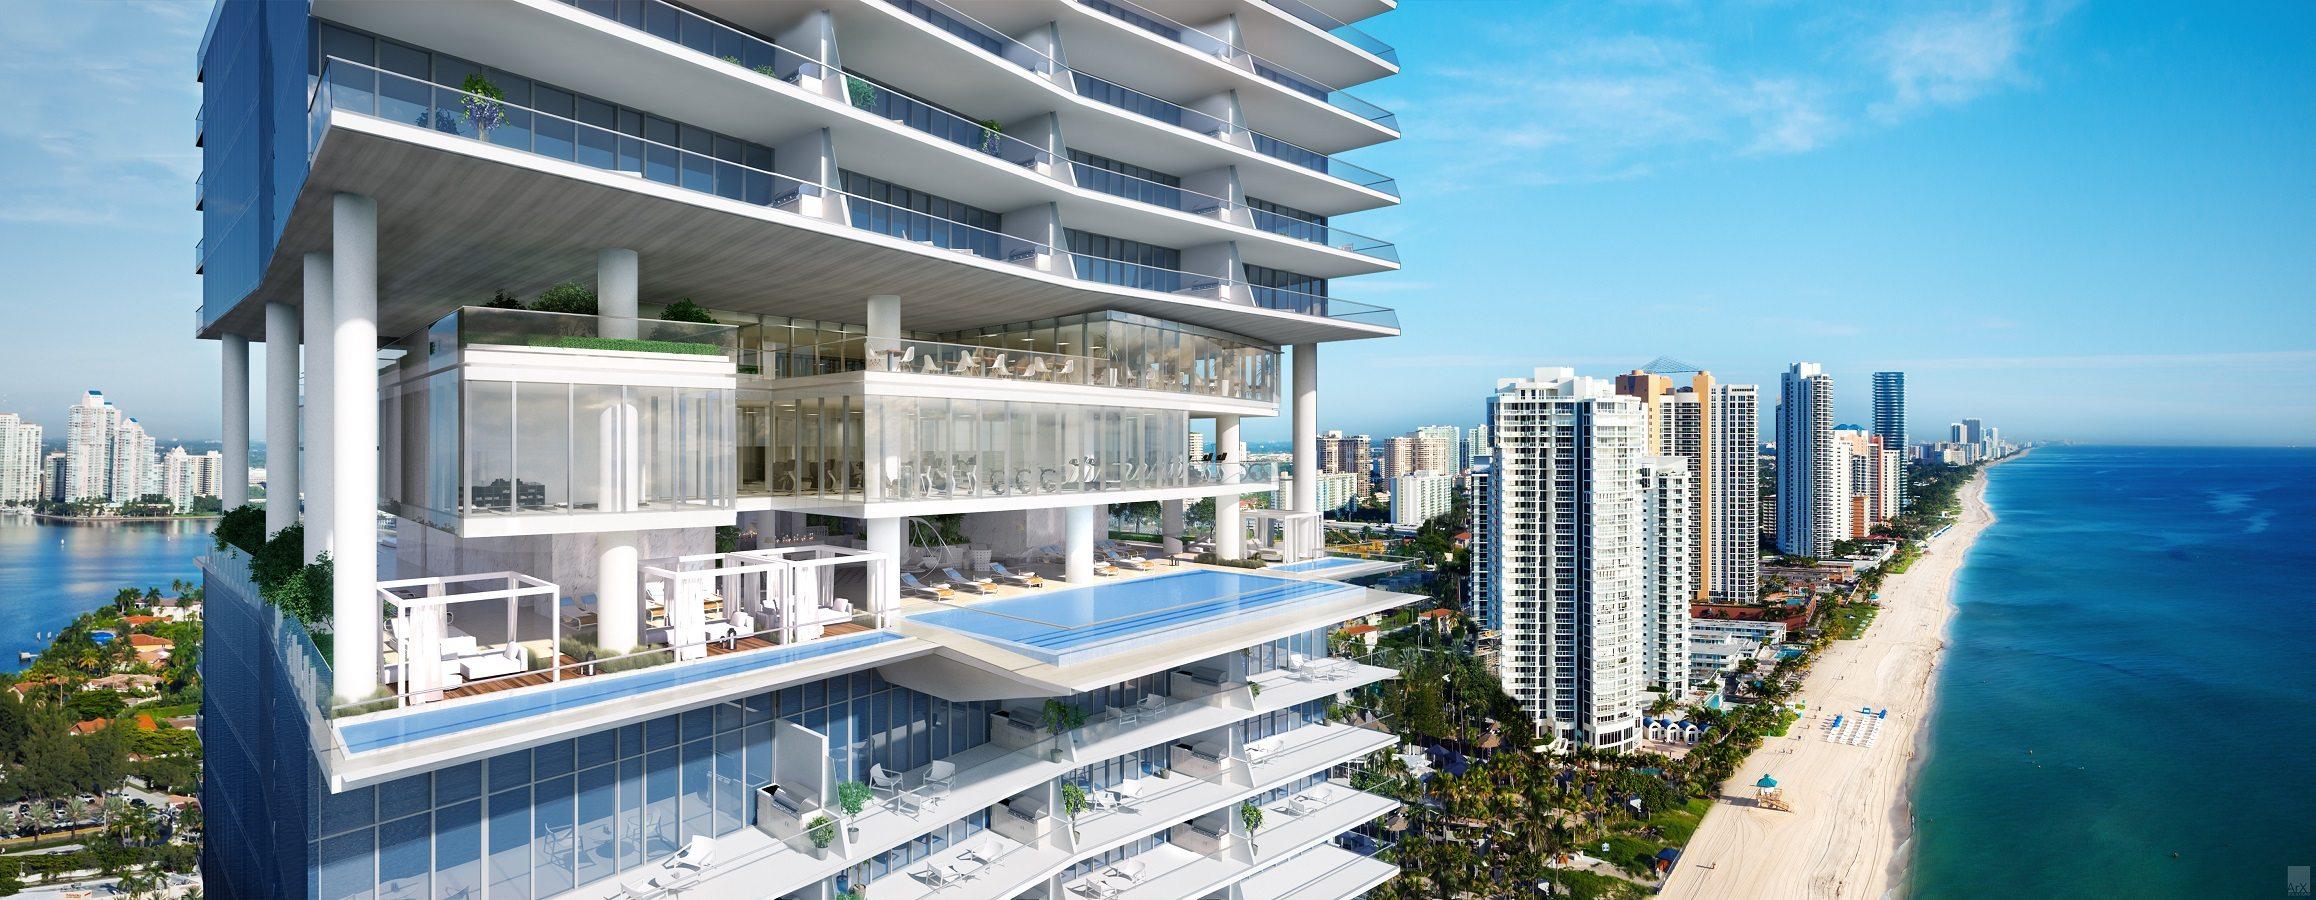 Miami Real Estate - The over-the-top luxury of the Miami condo market